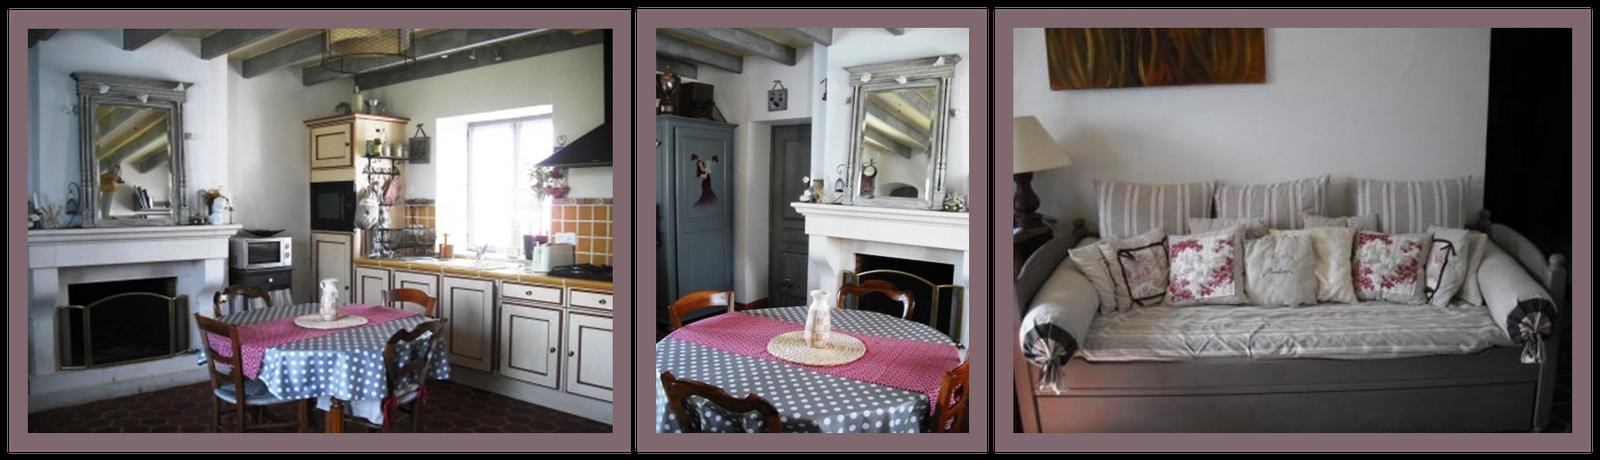 Cours peinture d corative meubles peints patin s cuisine relook e patin e - Relooker armoire cuisine ...